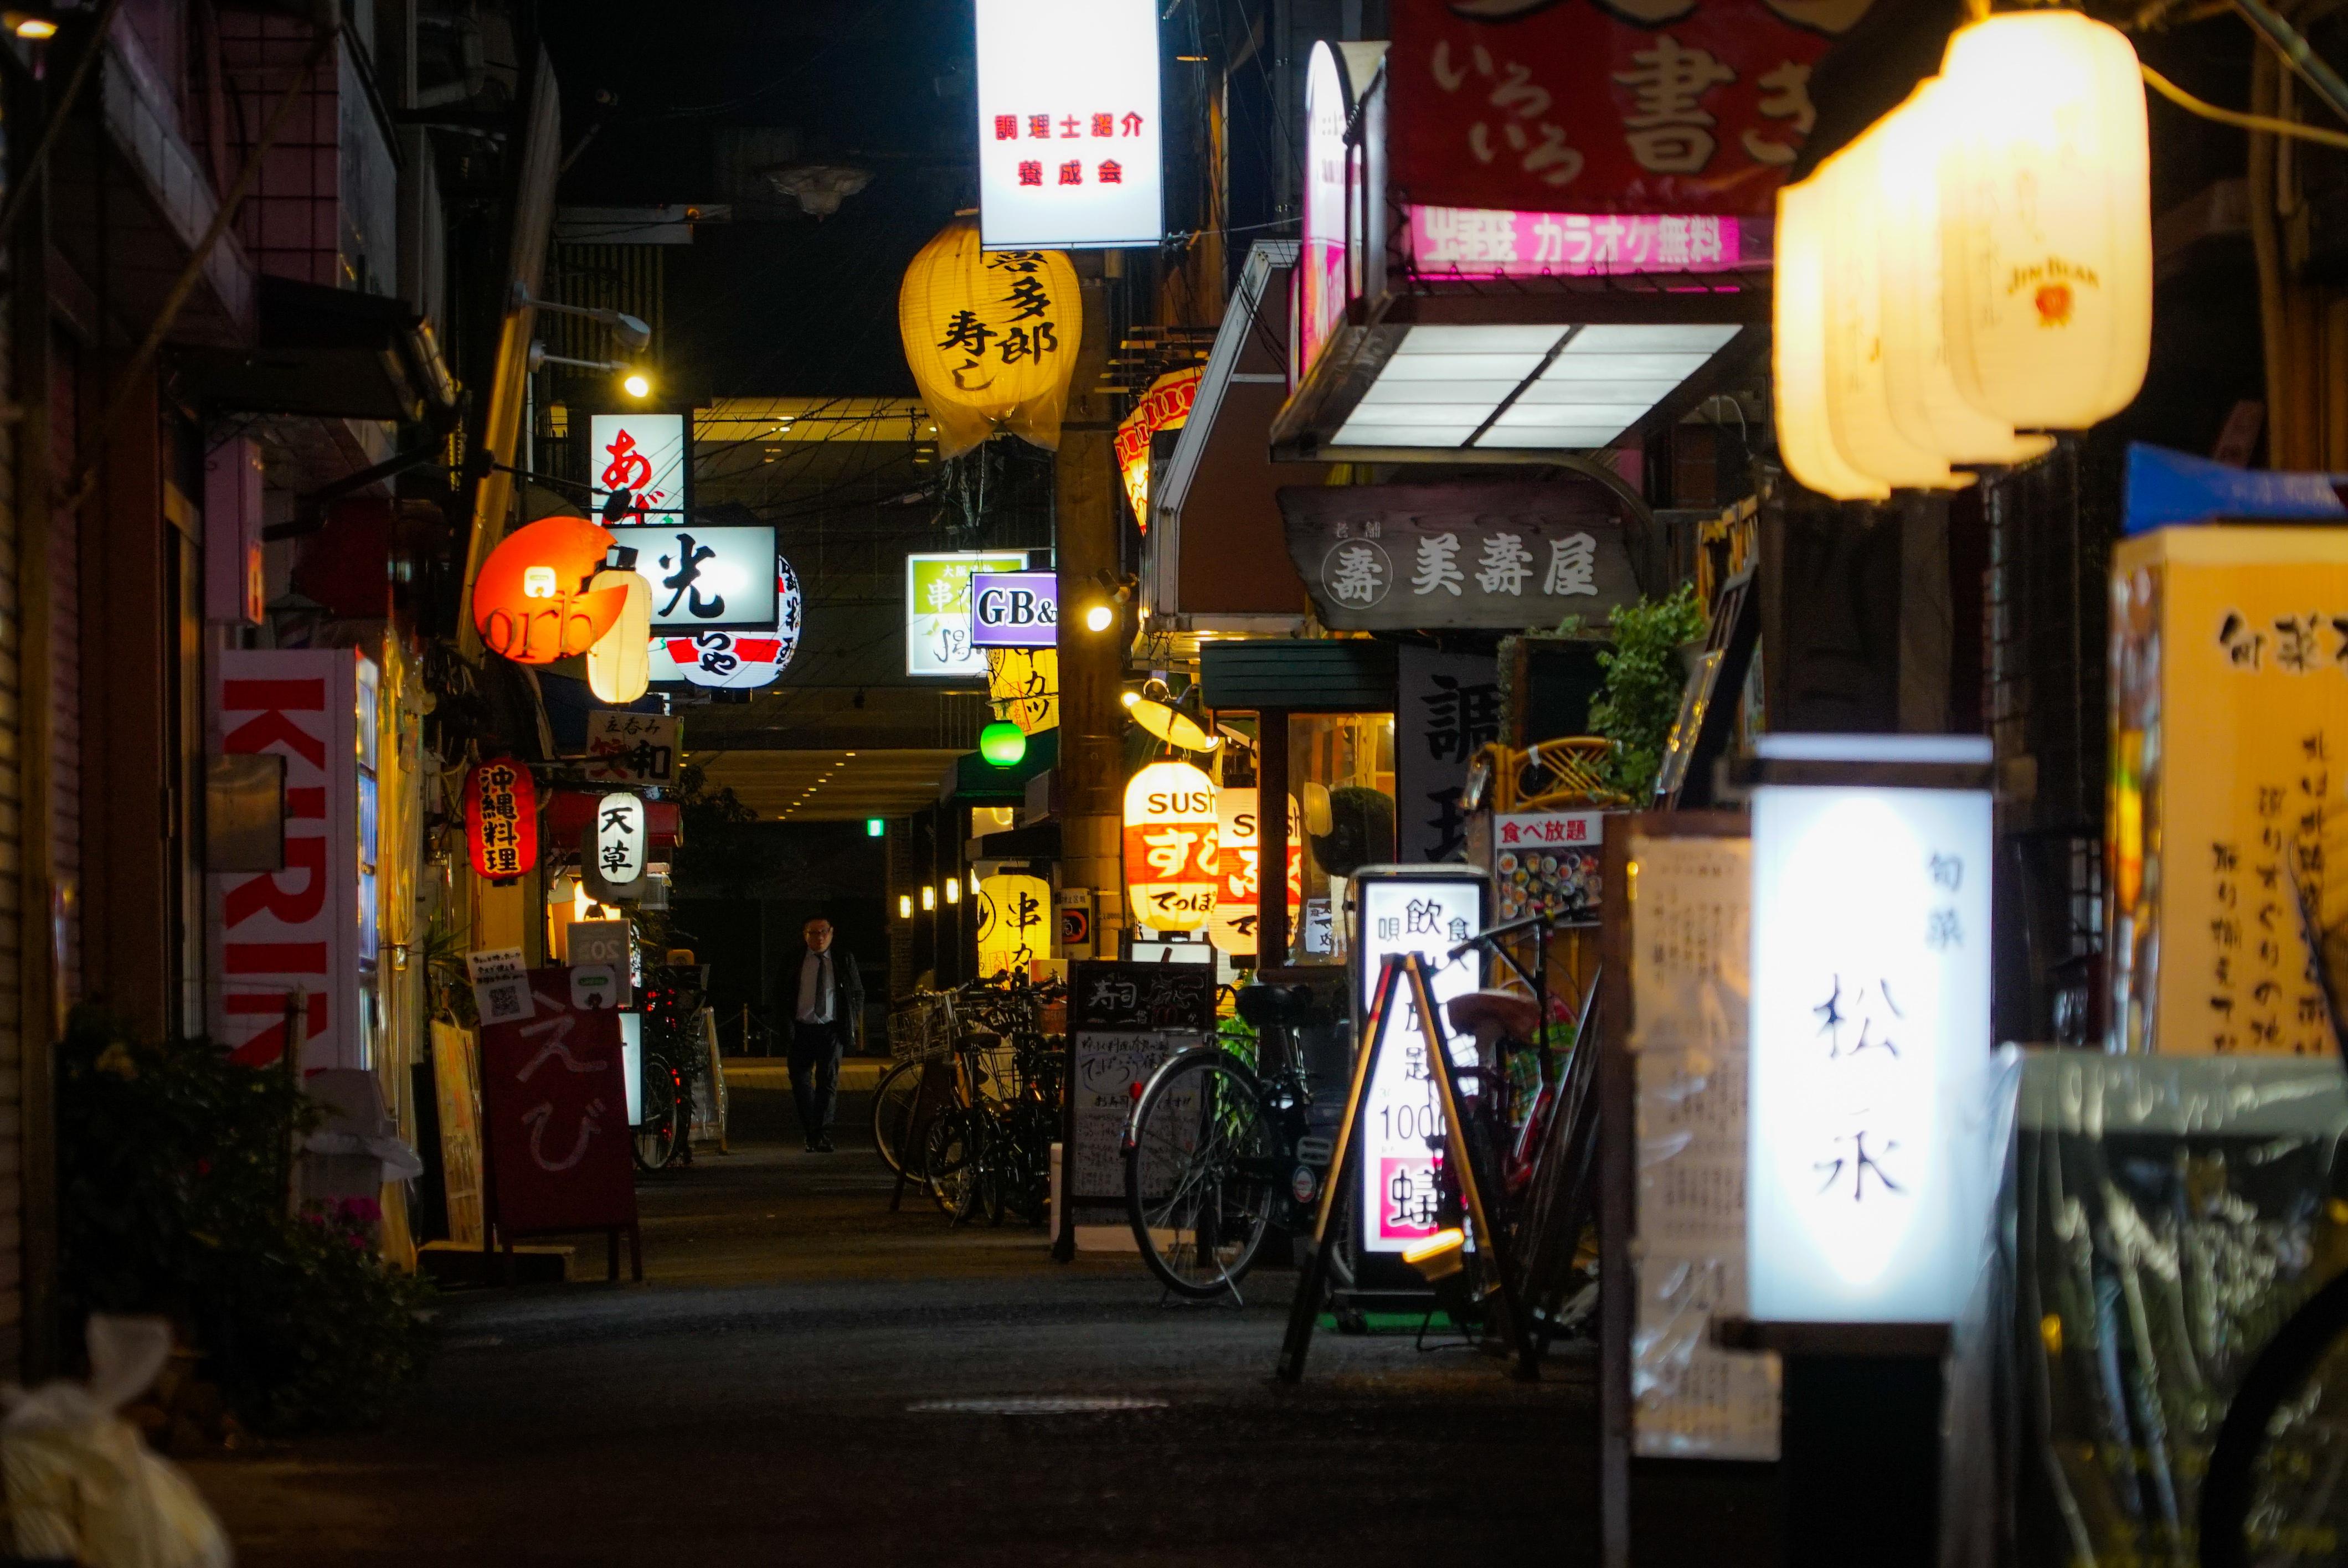 Osaka Bar Hopping Tour - Osaka's Best Night Pub Crawl